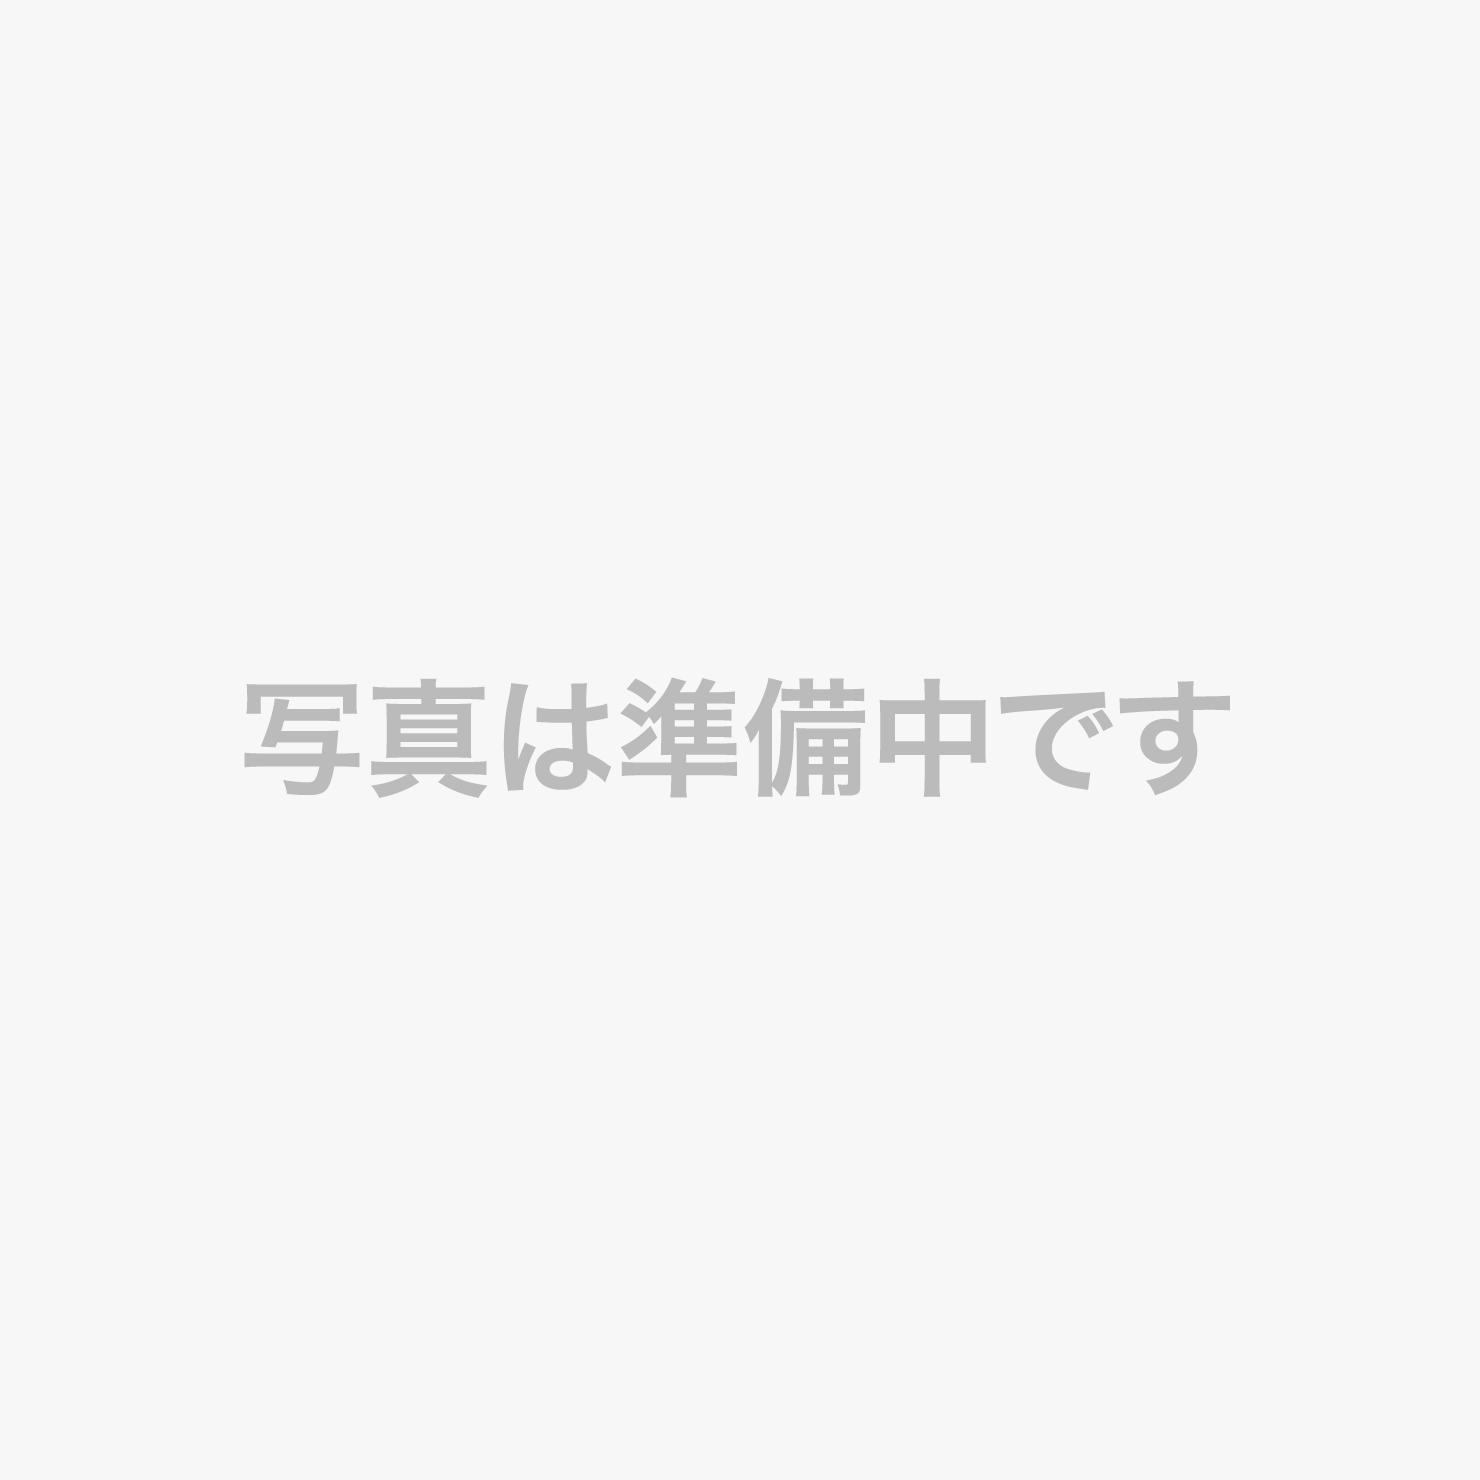 【リラクゼーション】全身ボディアロママッサージ ※画像はイメージです